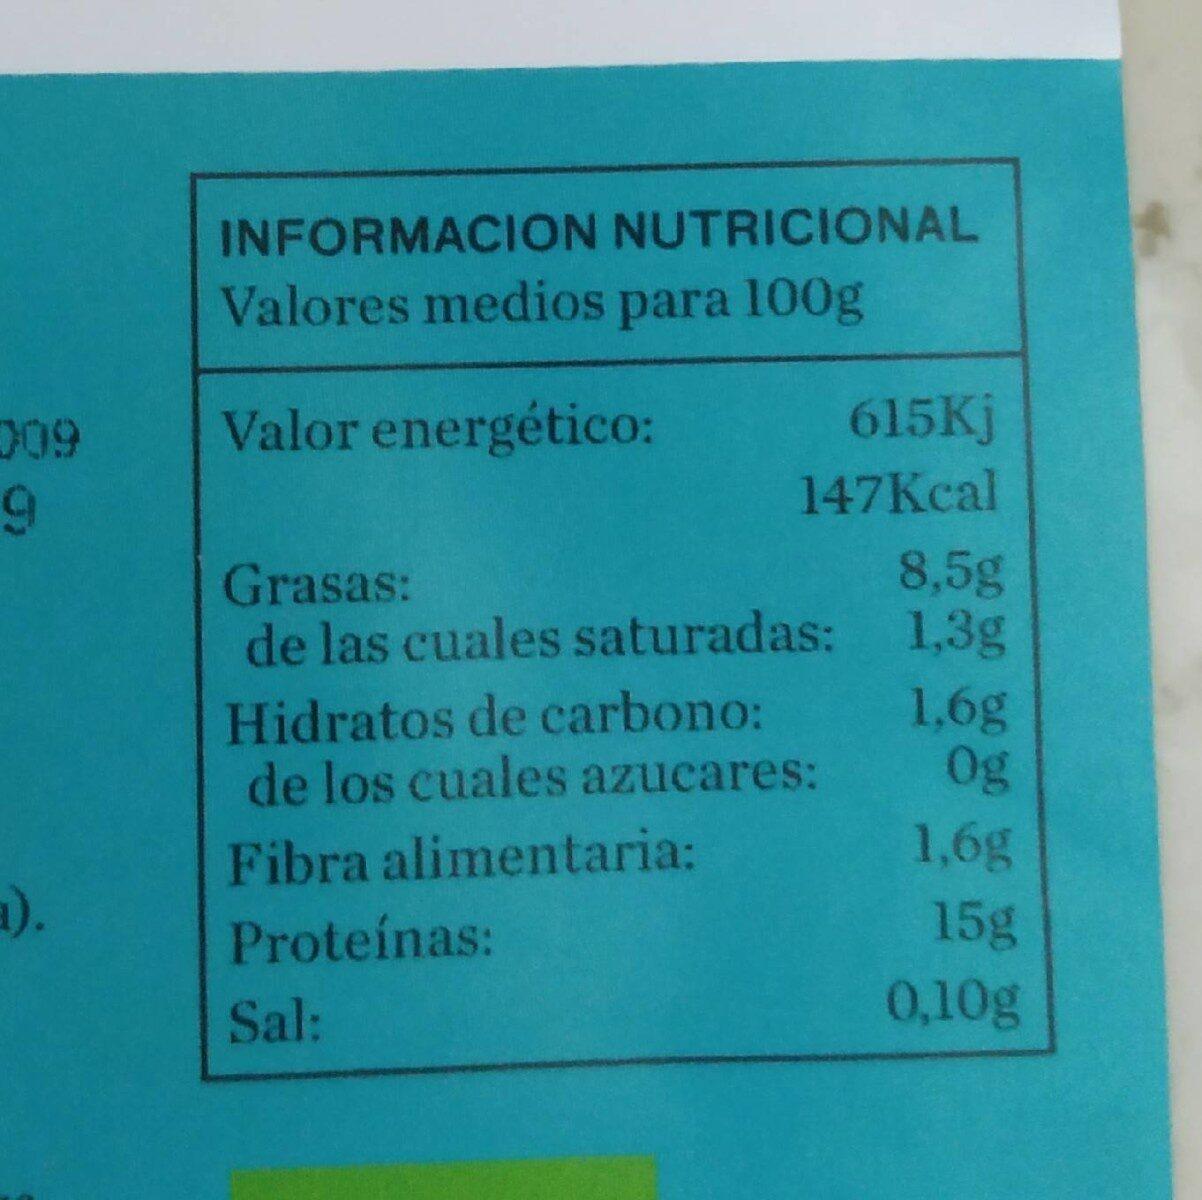 tofu bio - Información nutricional - es